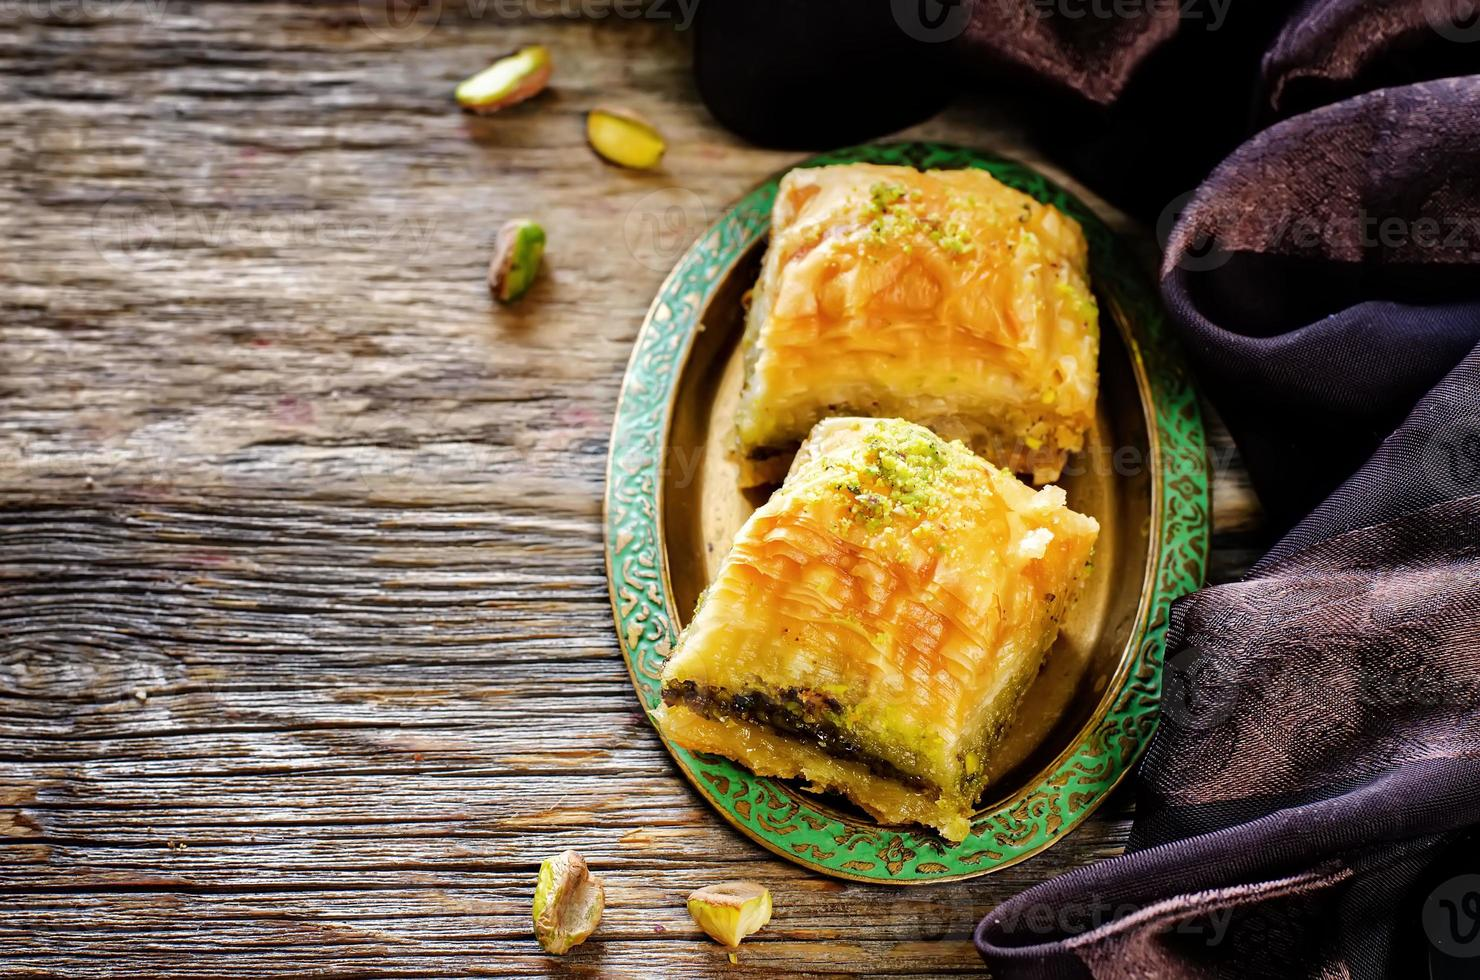 baklava met pistache. Turks traditioneel genot foto